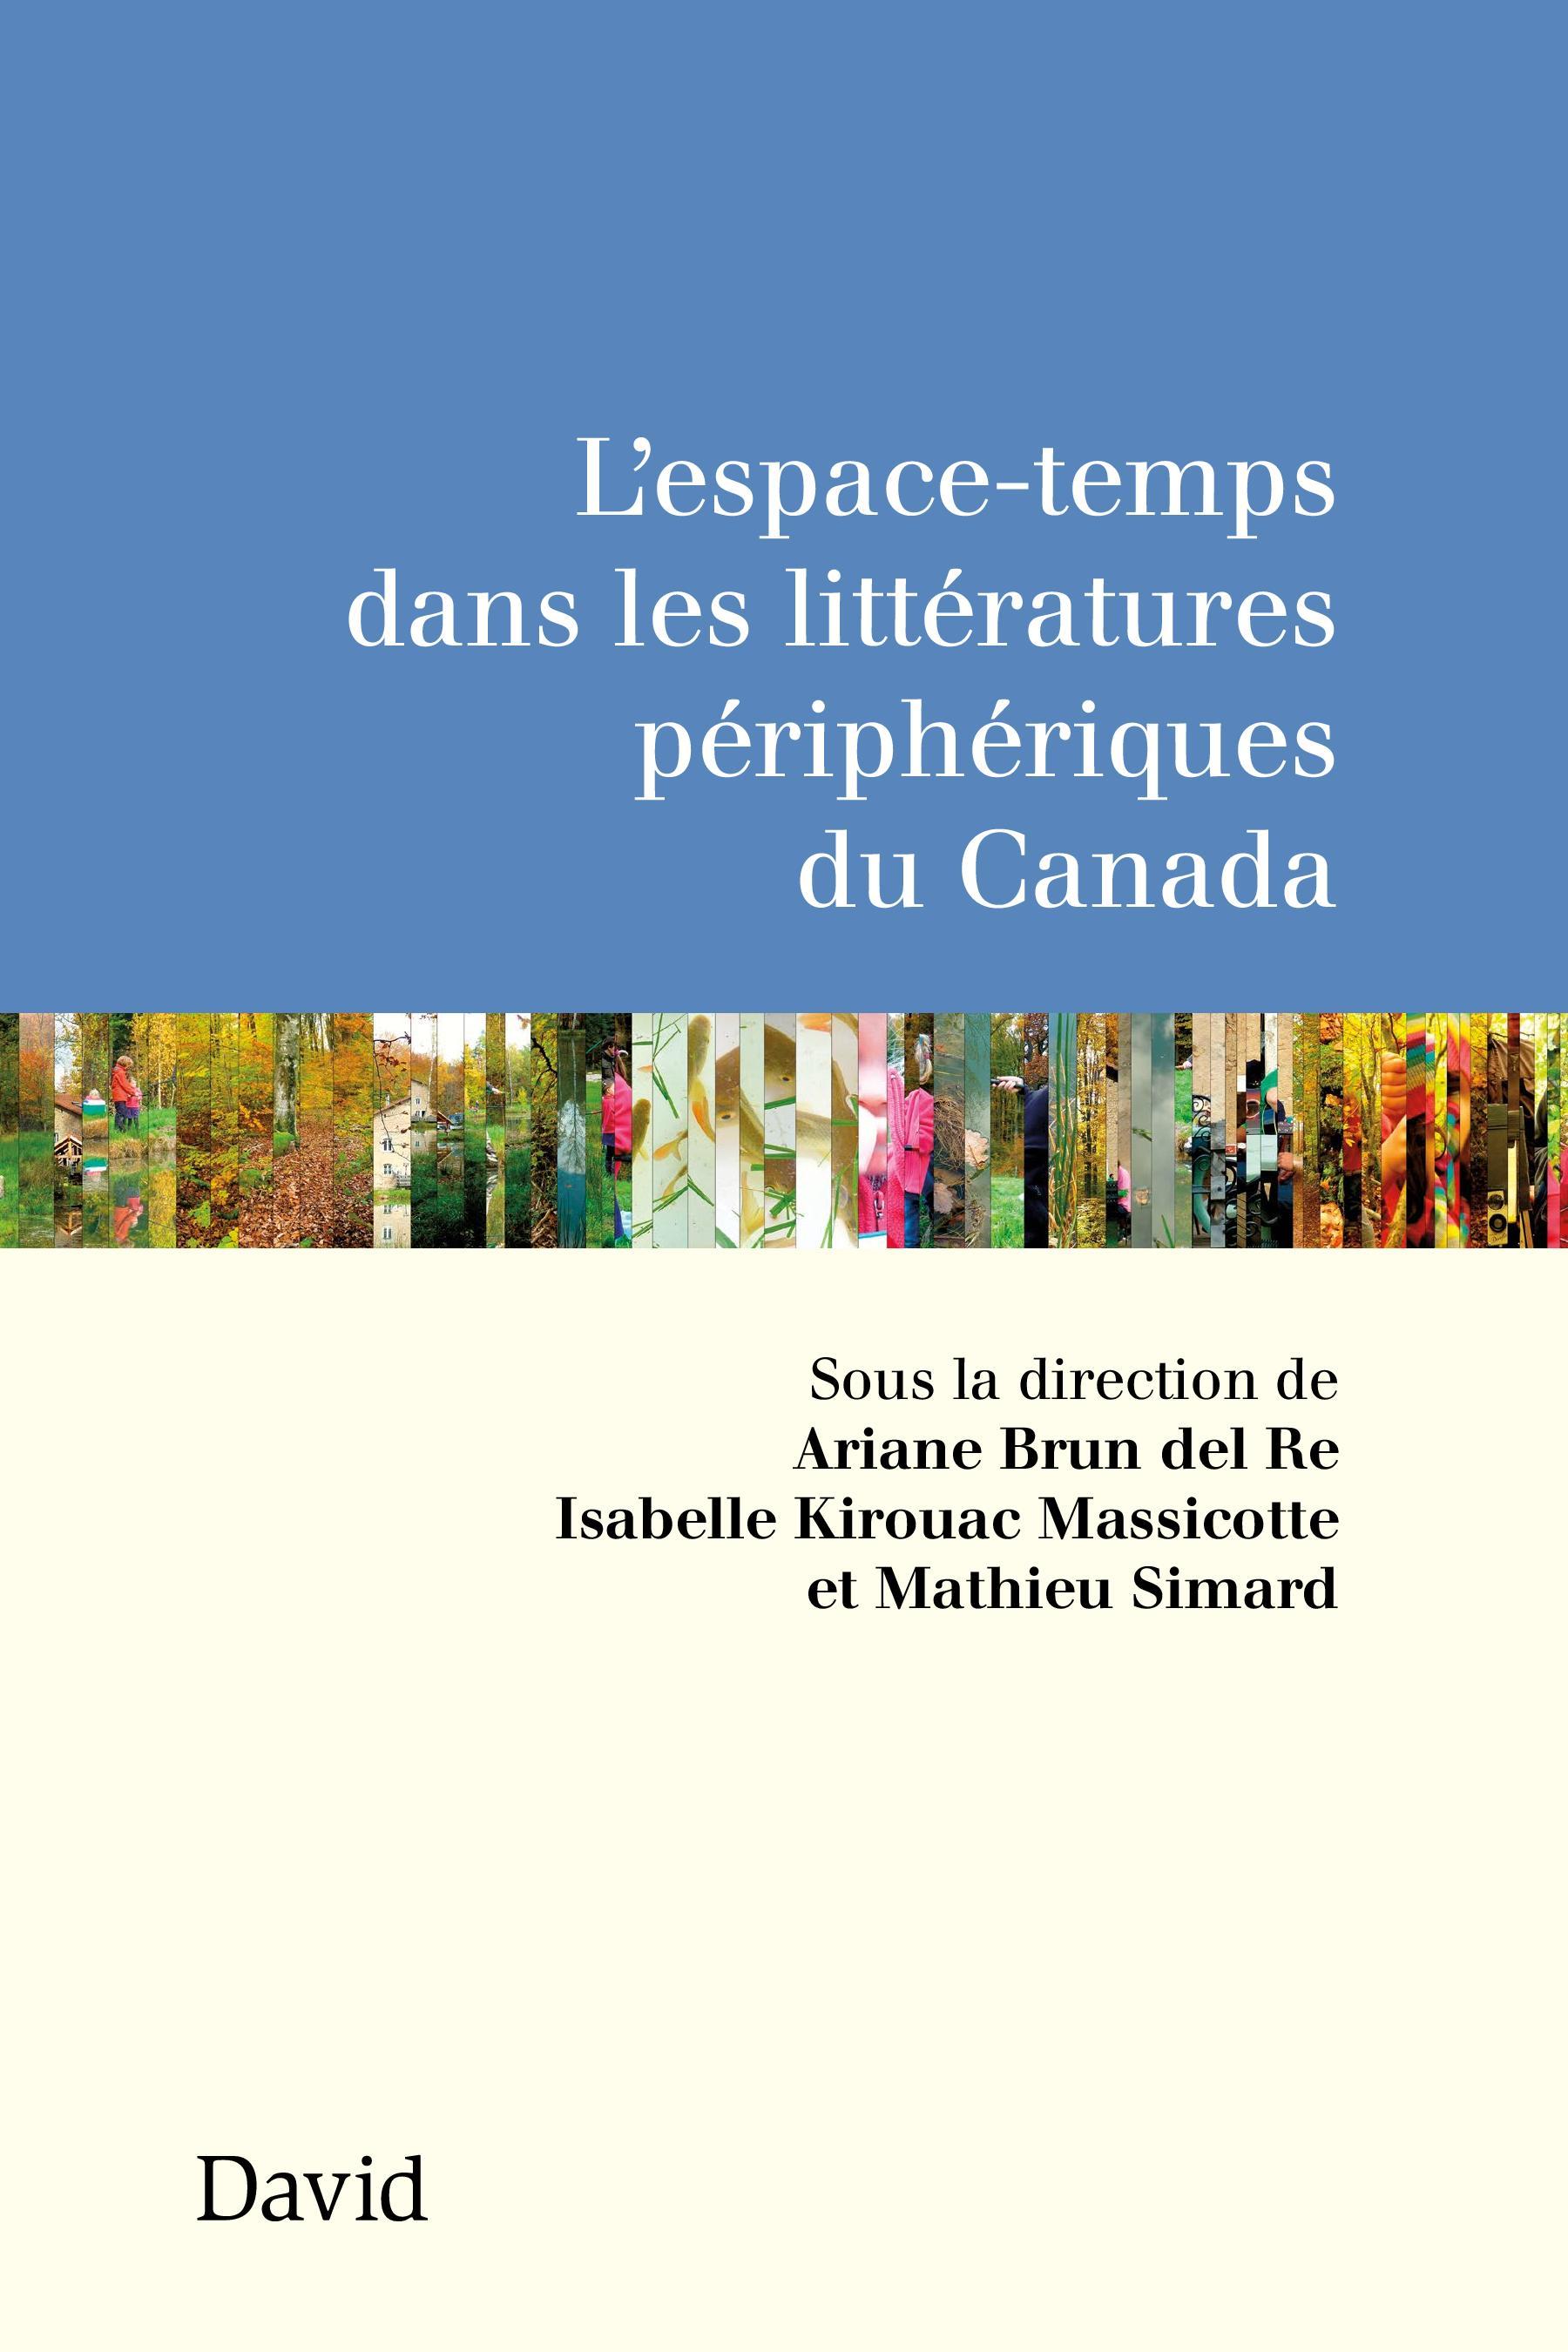 L'espace-temps dans les littératures périphériques du Canada